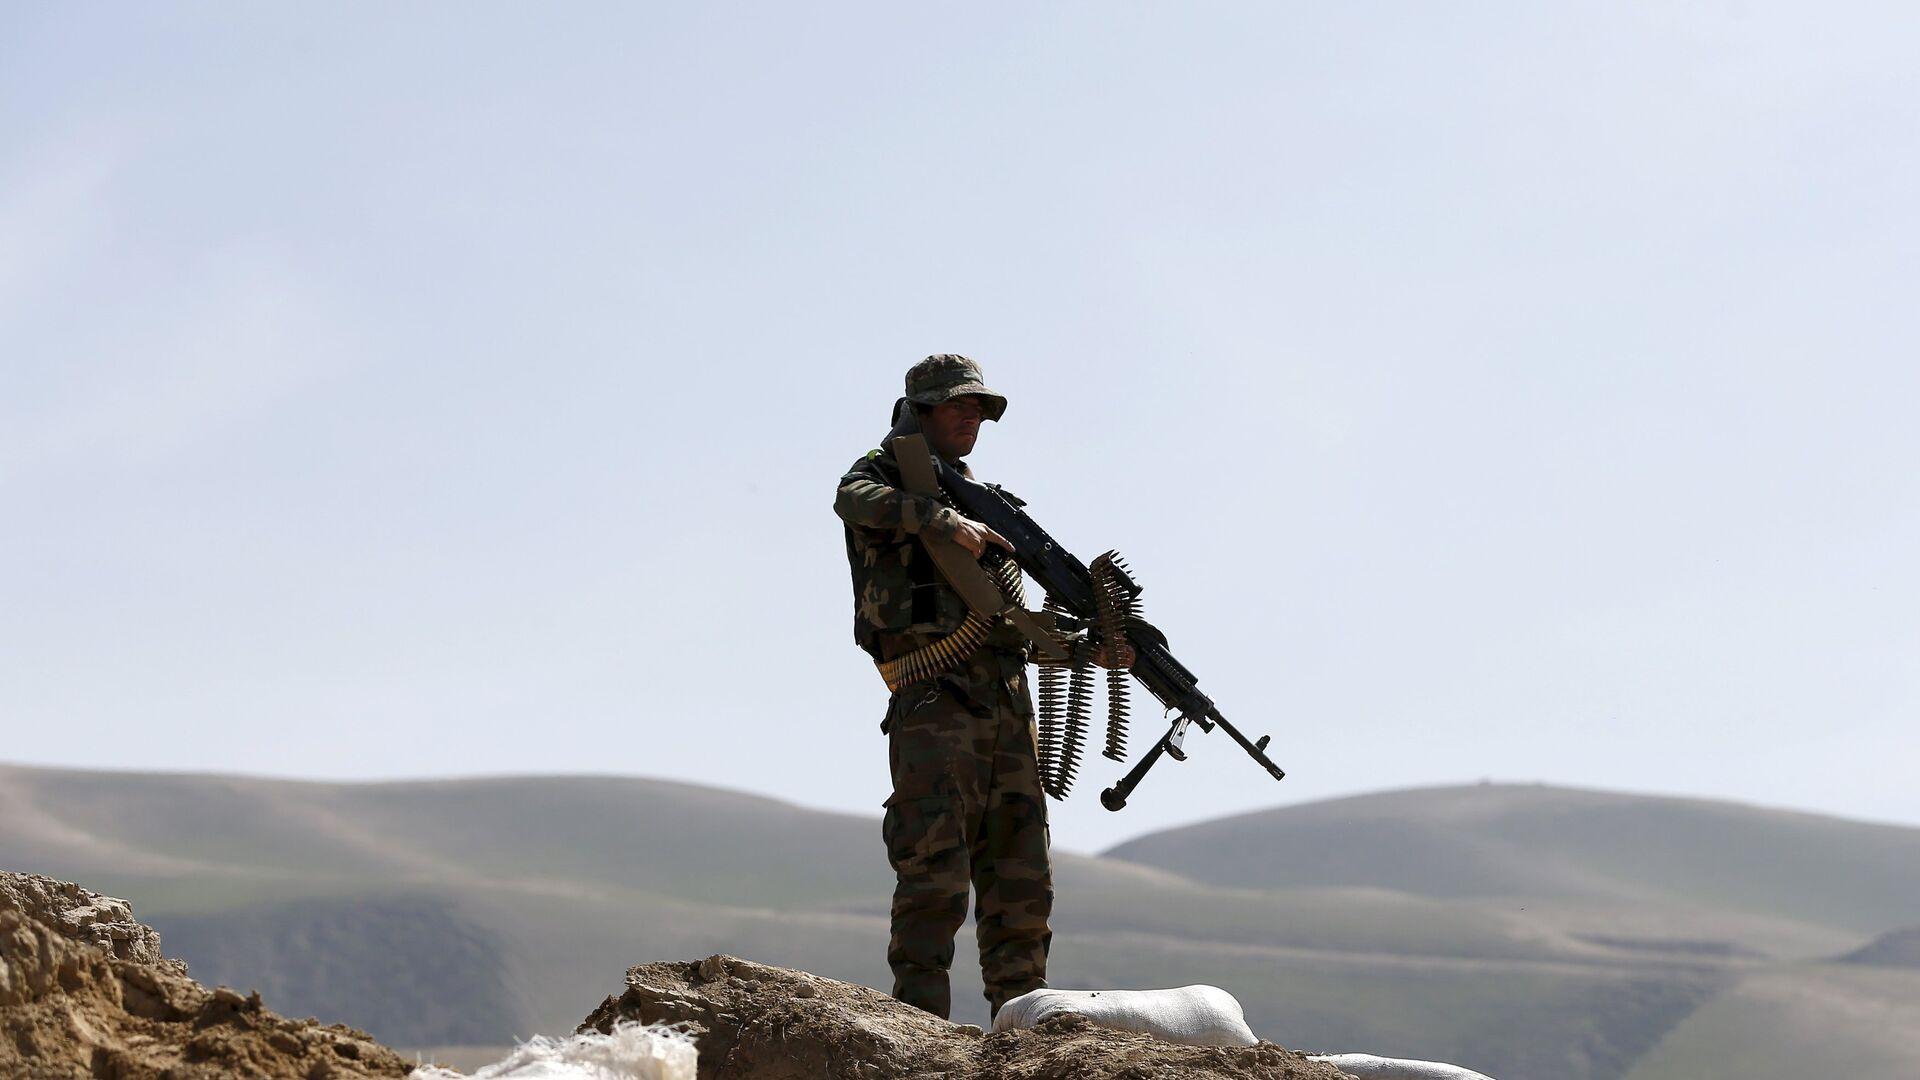 El soldado del Ejército afgano patrulla Dand Ghori, el distrito de Baglan - Sputnik Mundo, 1920, 15.08.2021